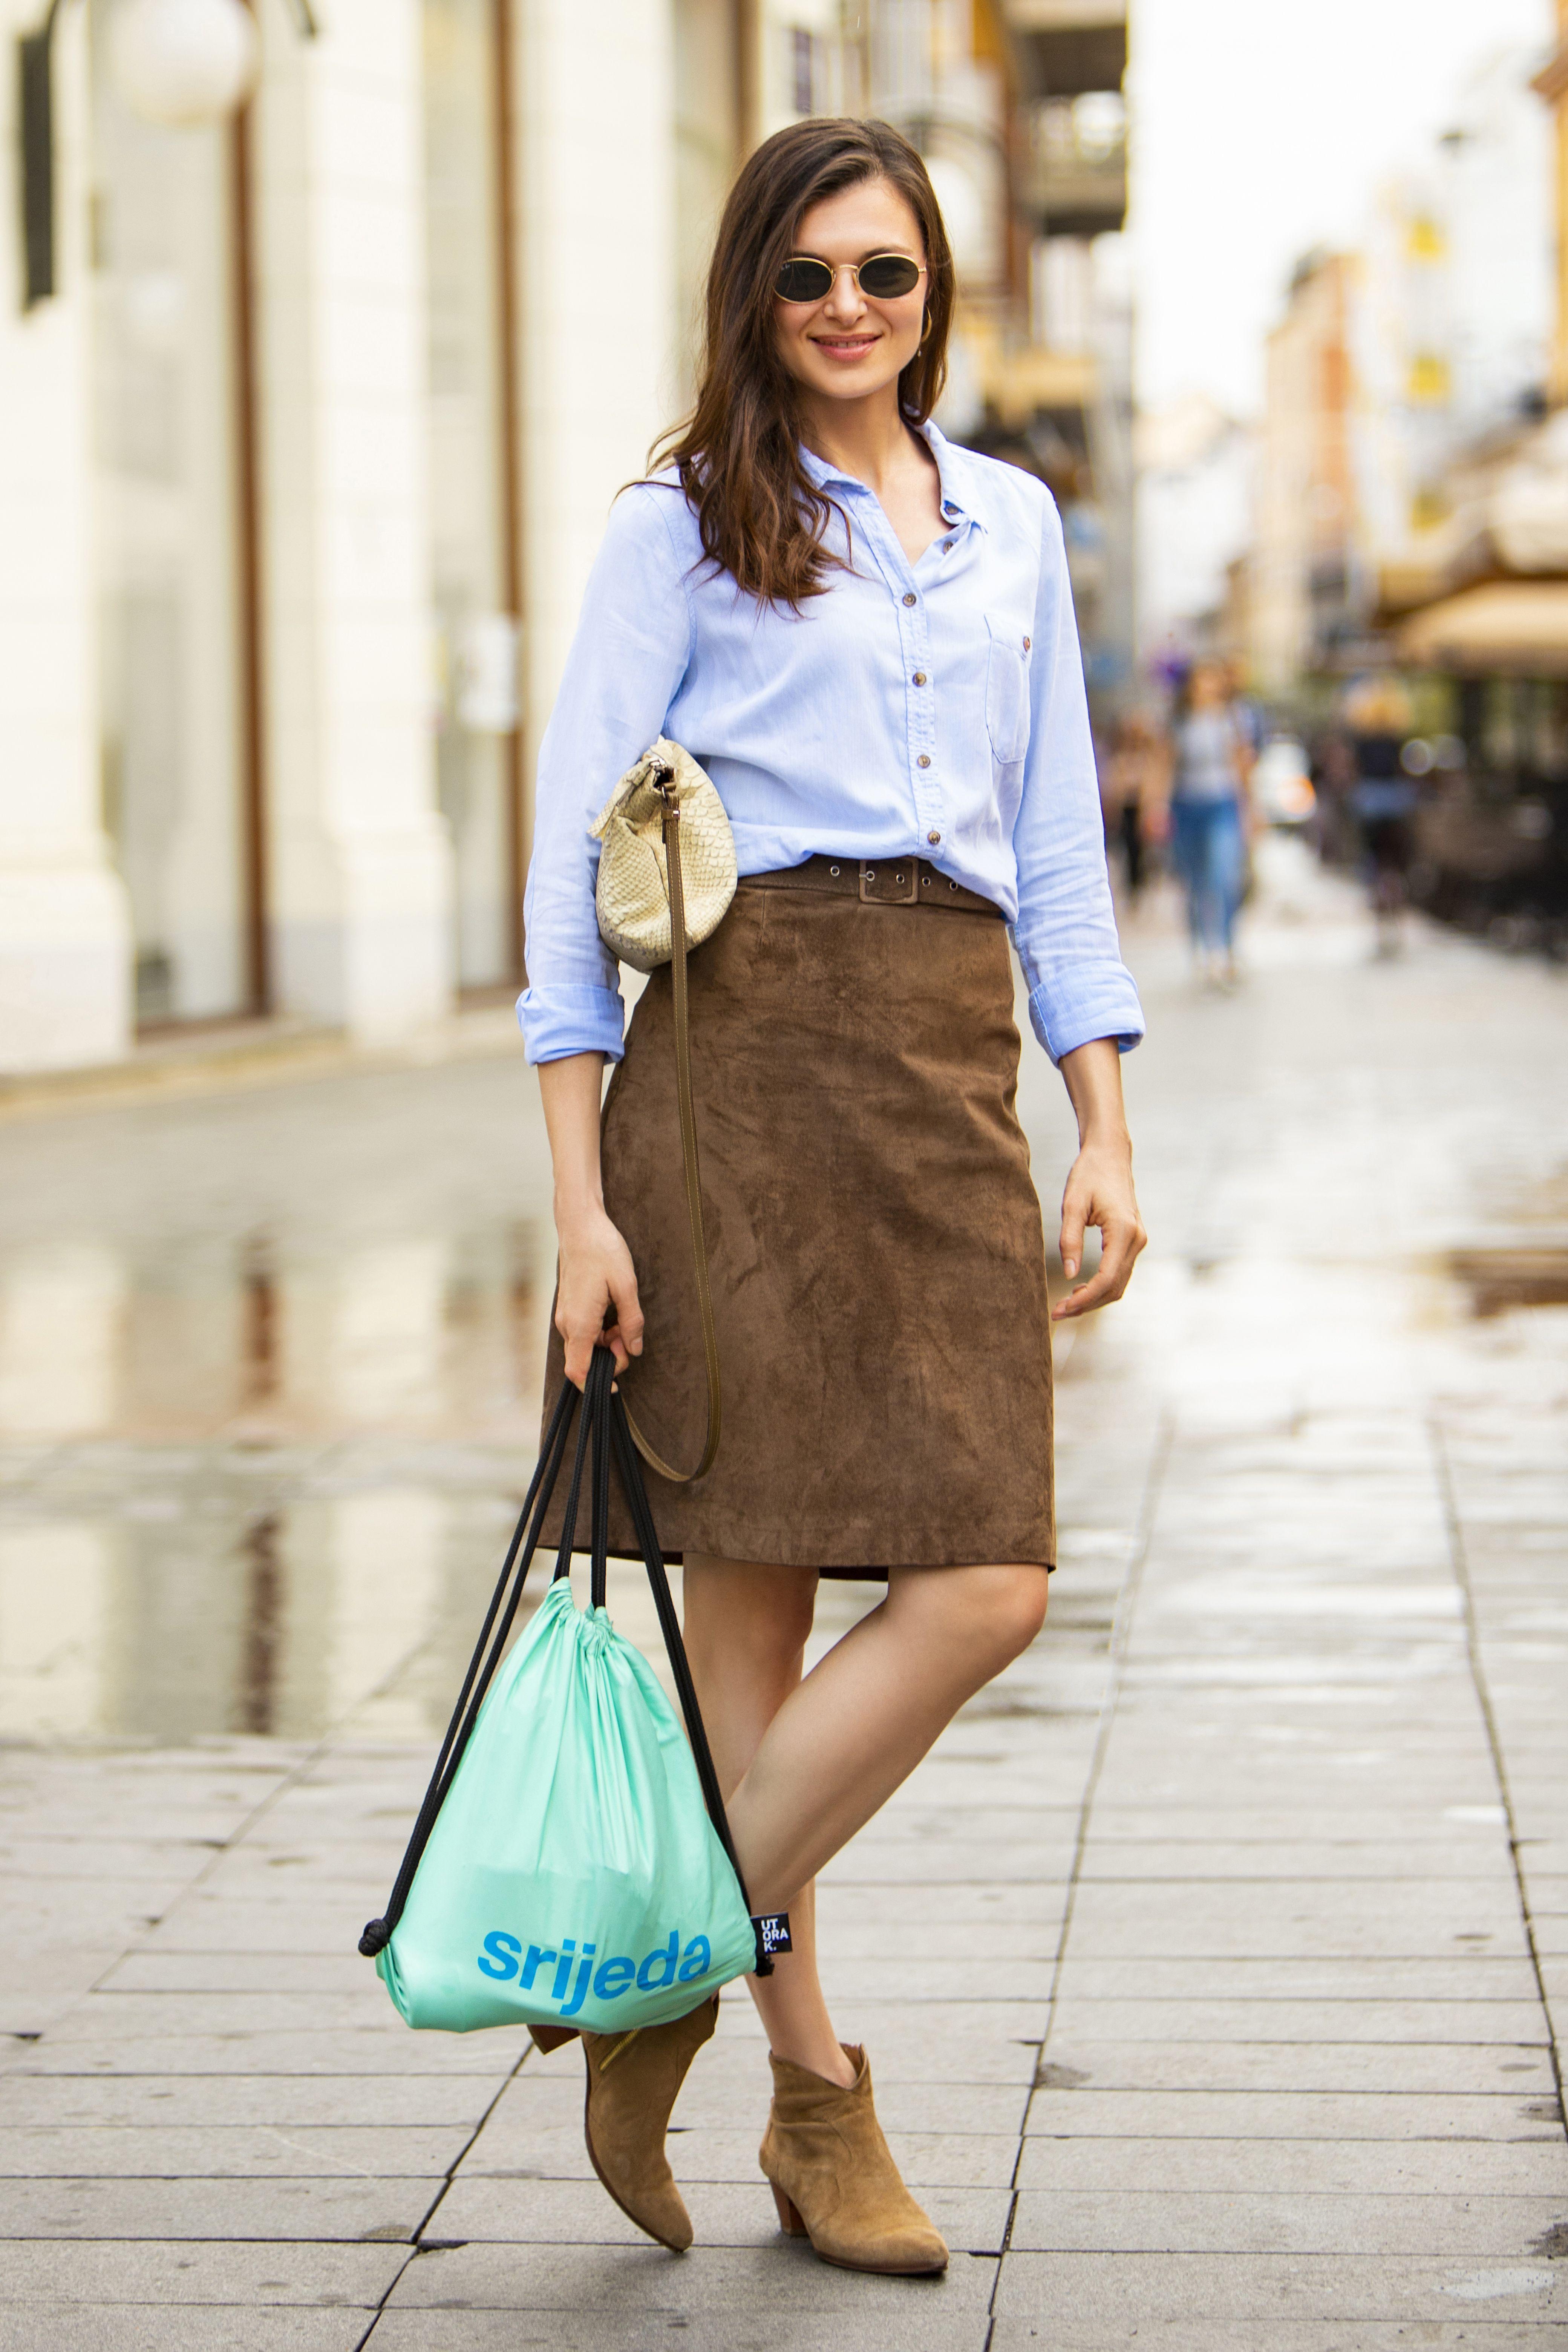 Košulja i suknja iz second hand dućana - za Martinu ovo je formula dobrog stylinga!